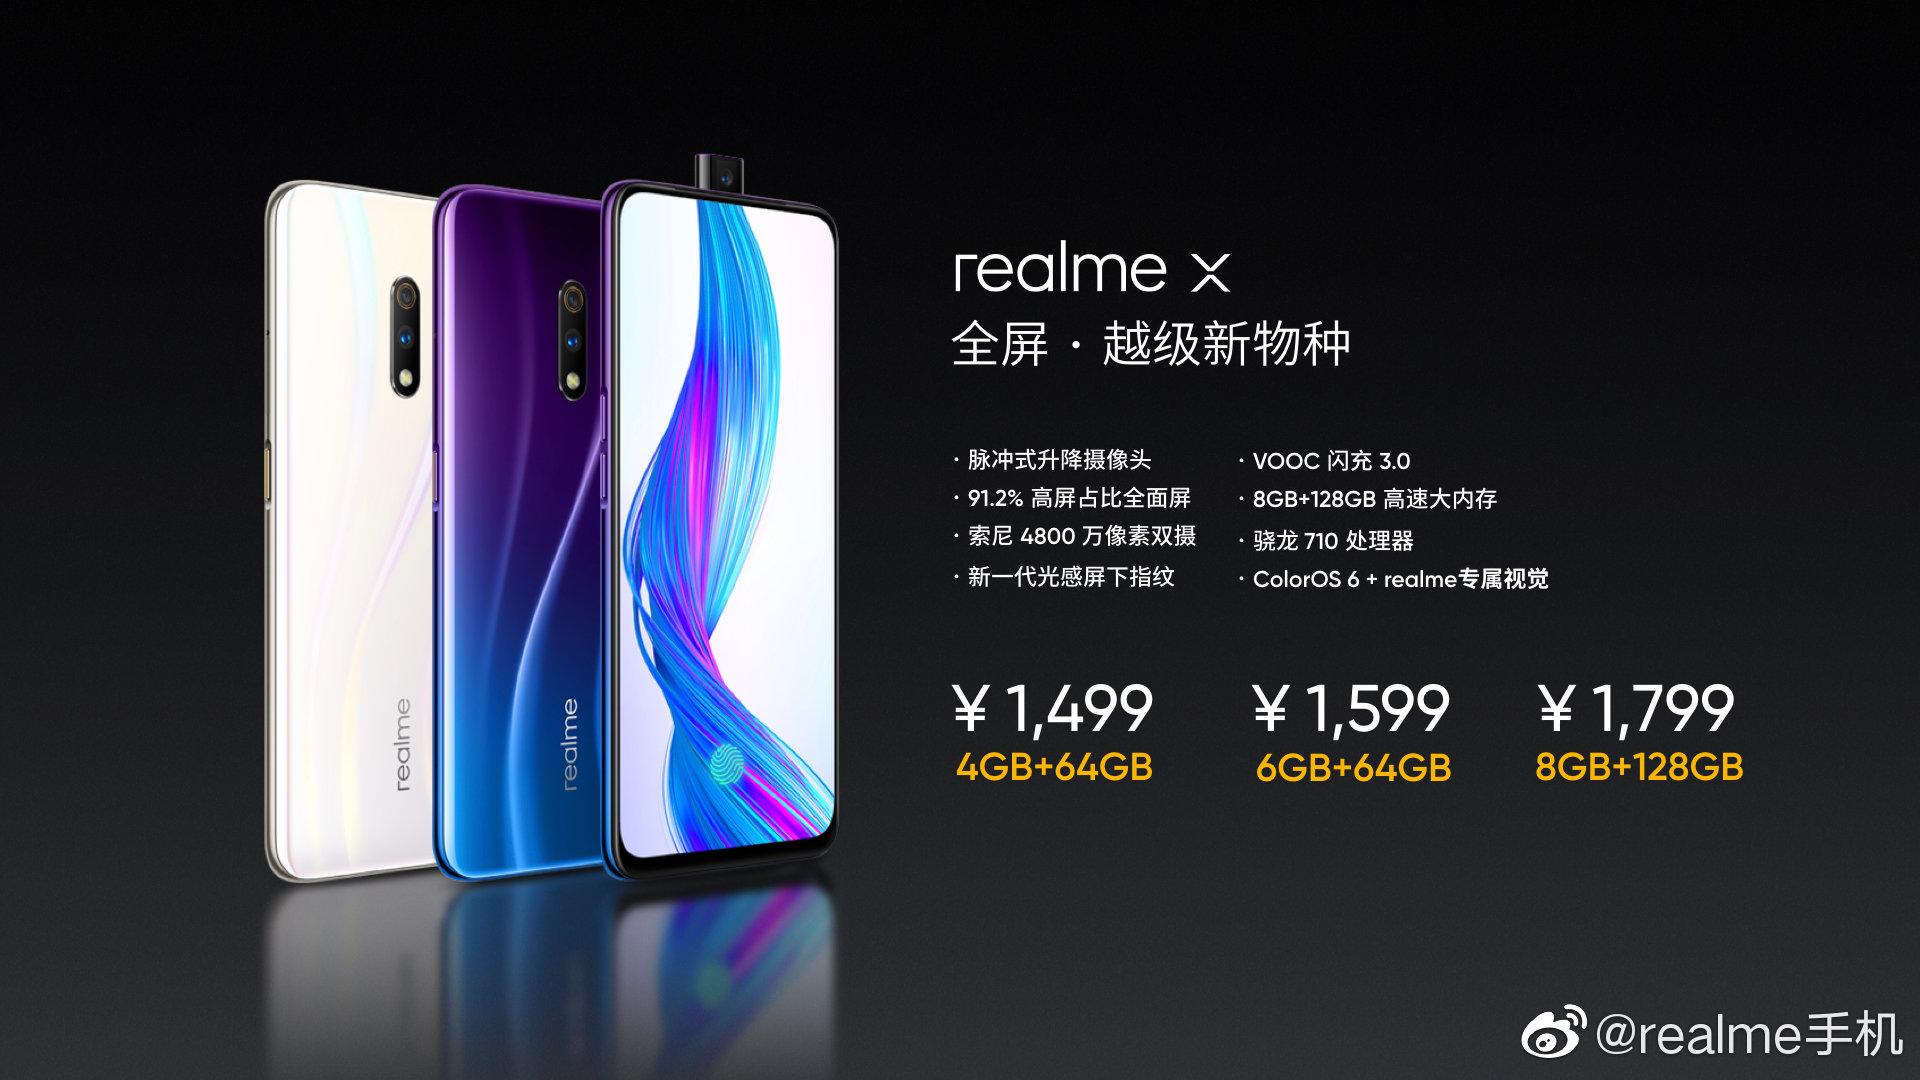 1499元起!realme X发布:骁龙710+升降式前摄